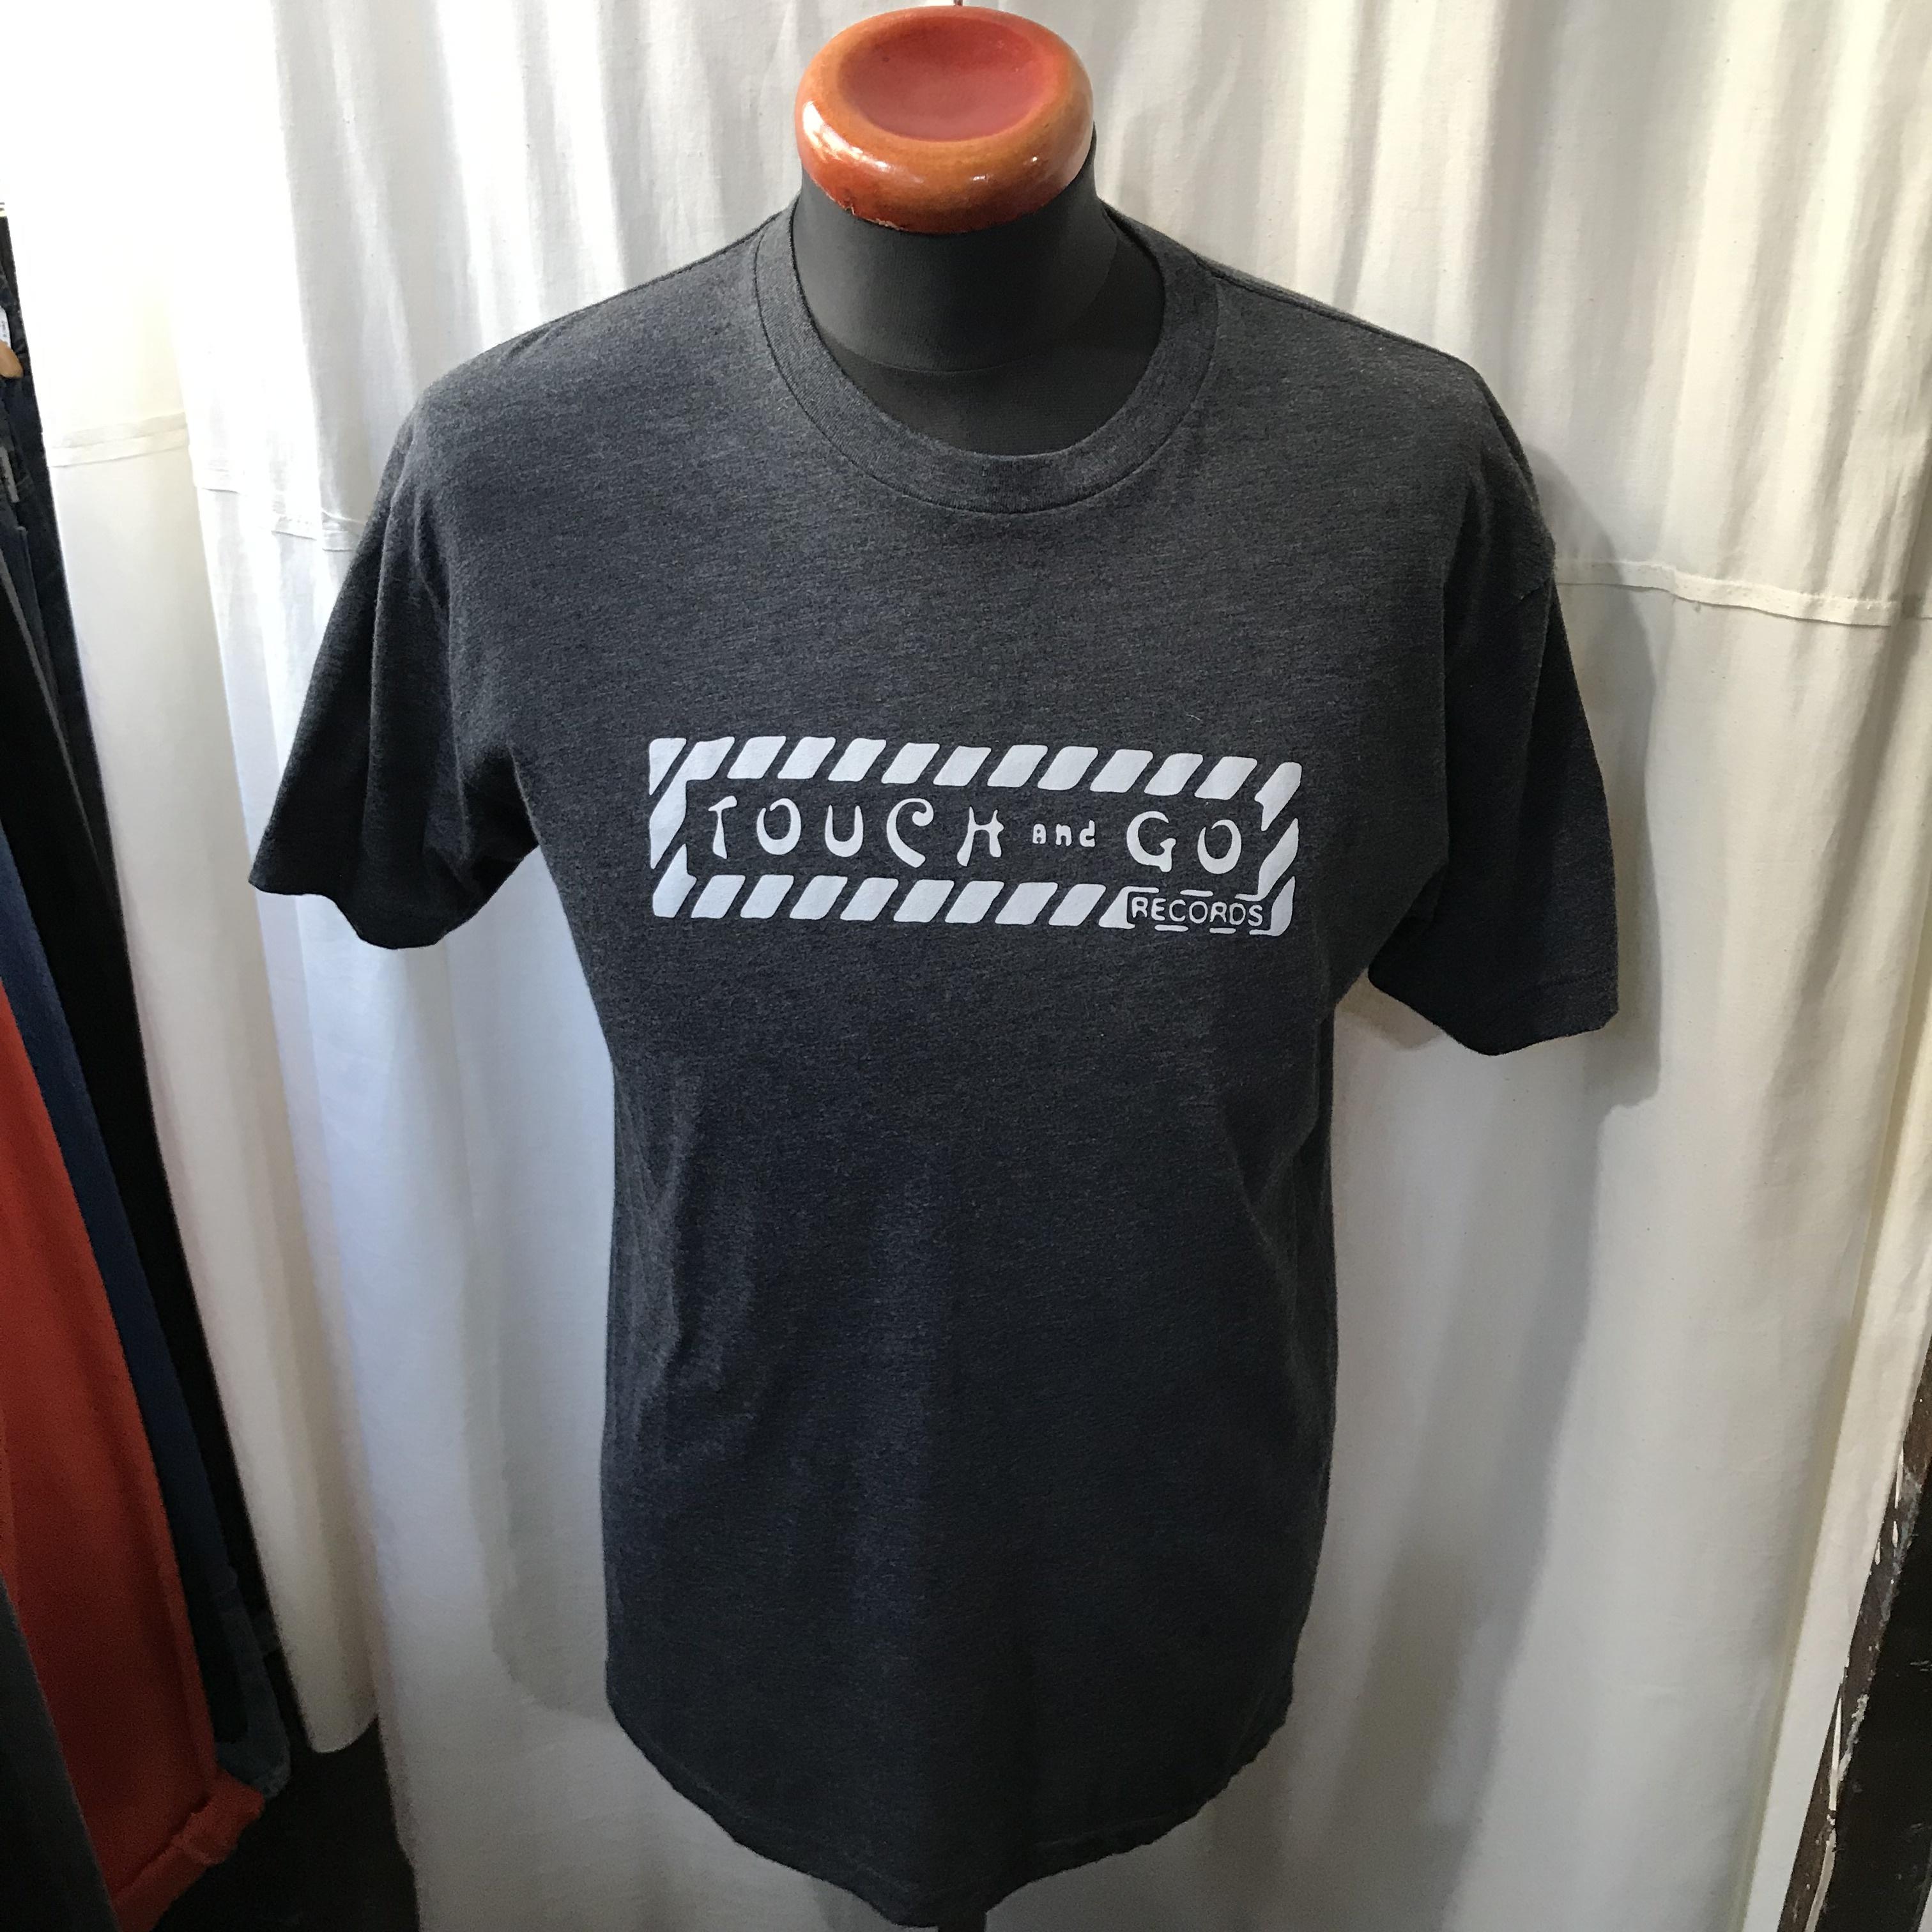 アメリカ製 American Apparel TOUCH & GO RECORDS タッチ&ゴーレコーズ 半袖Tシャツ メンズM~L